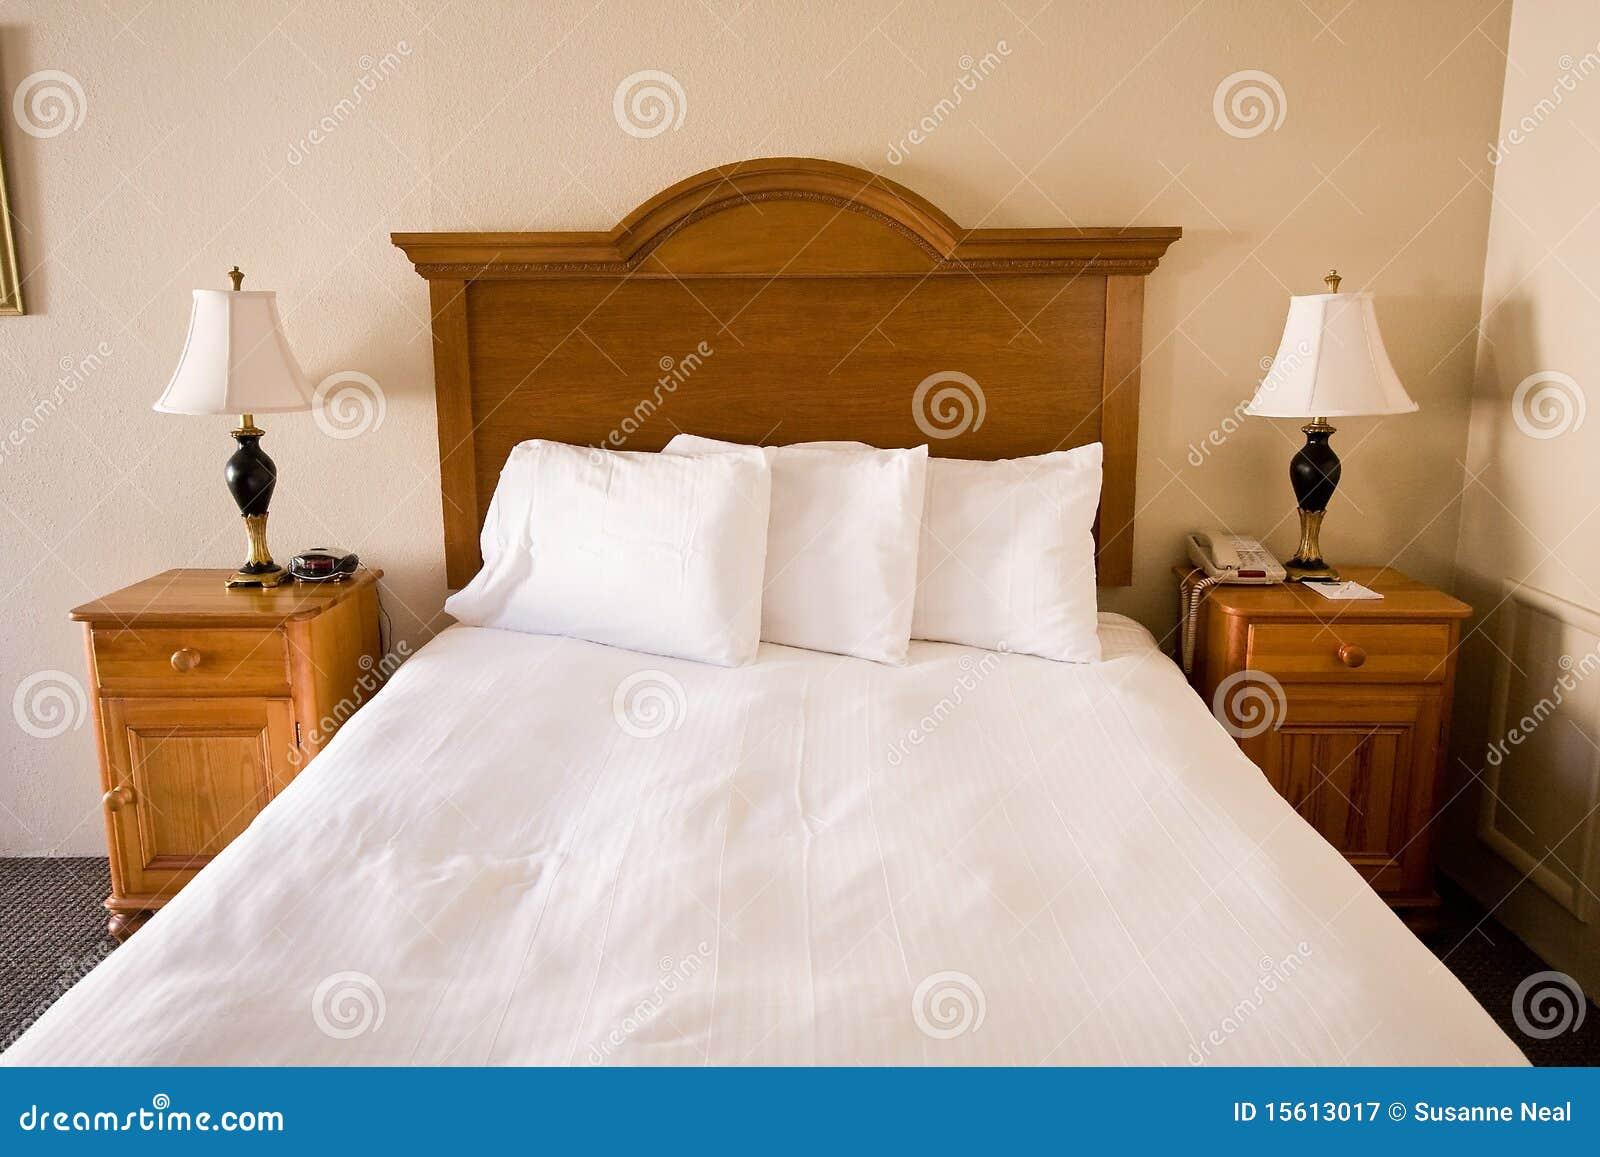 Eenvoudig bed hoofdeinde nightstands lampen royalty vrije stock fotografie beeld 15613017 - Witte hoofdeinde ...